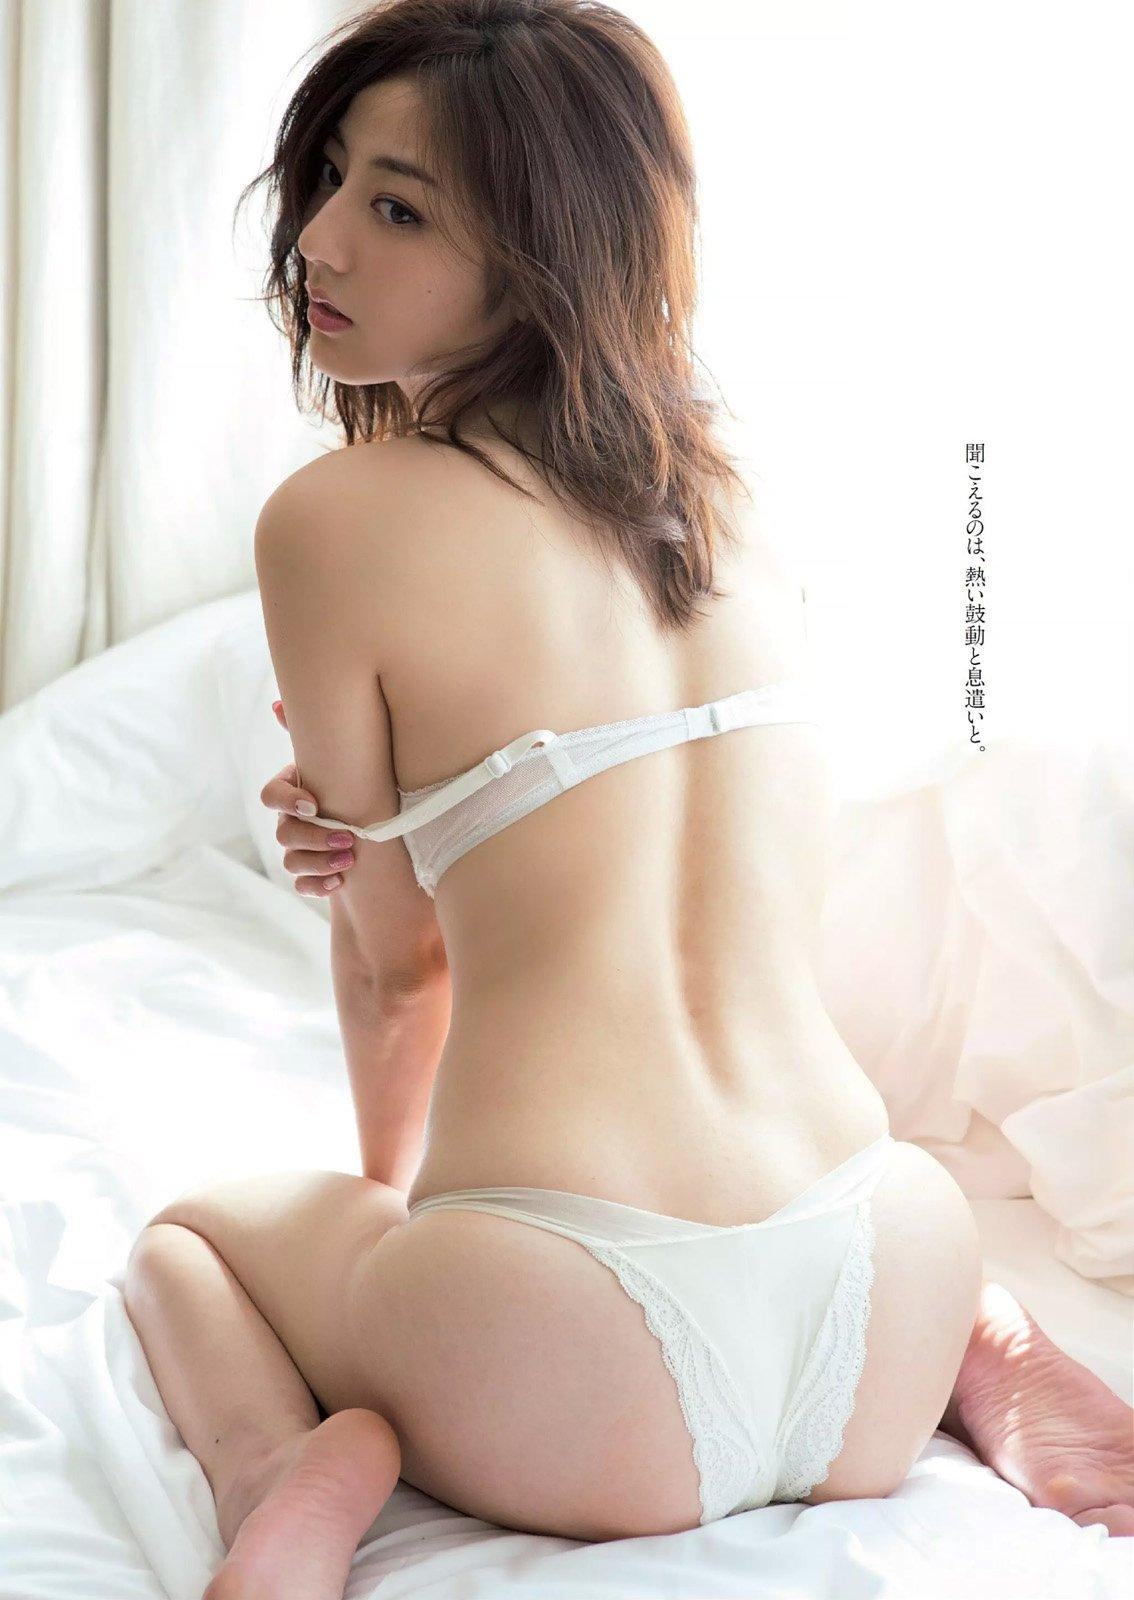 「週刊プレイボーイ 2015 No.18」杉本有美の下着お尻グラビア